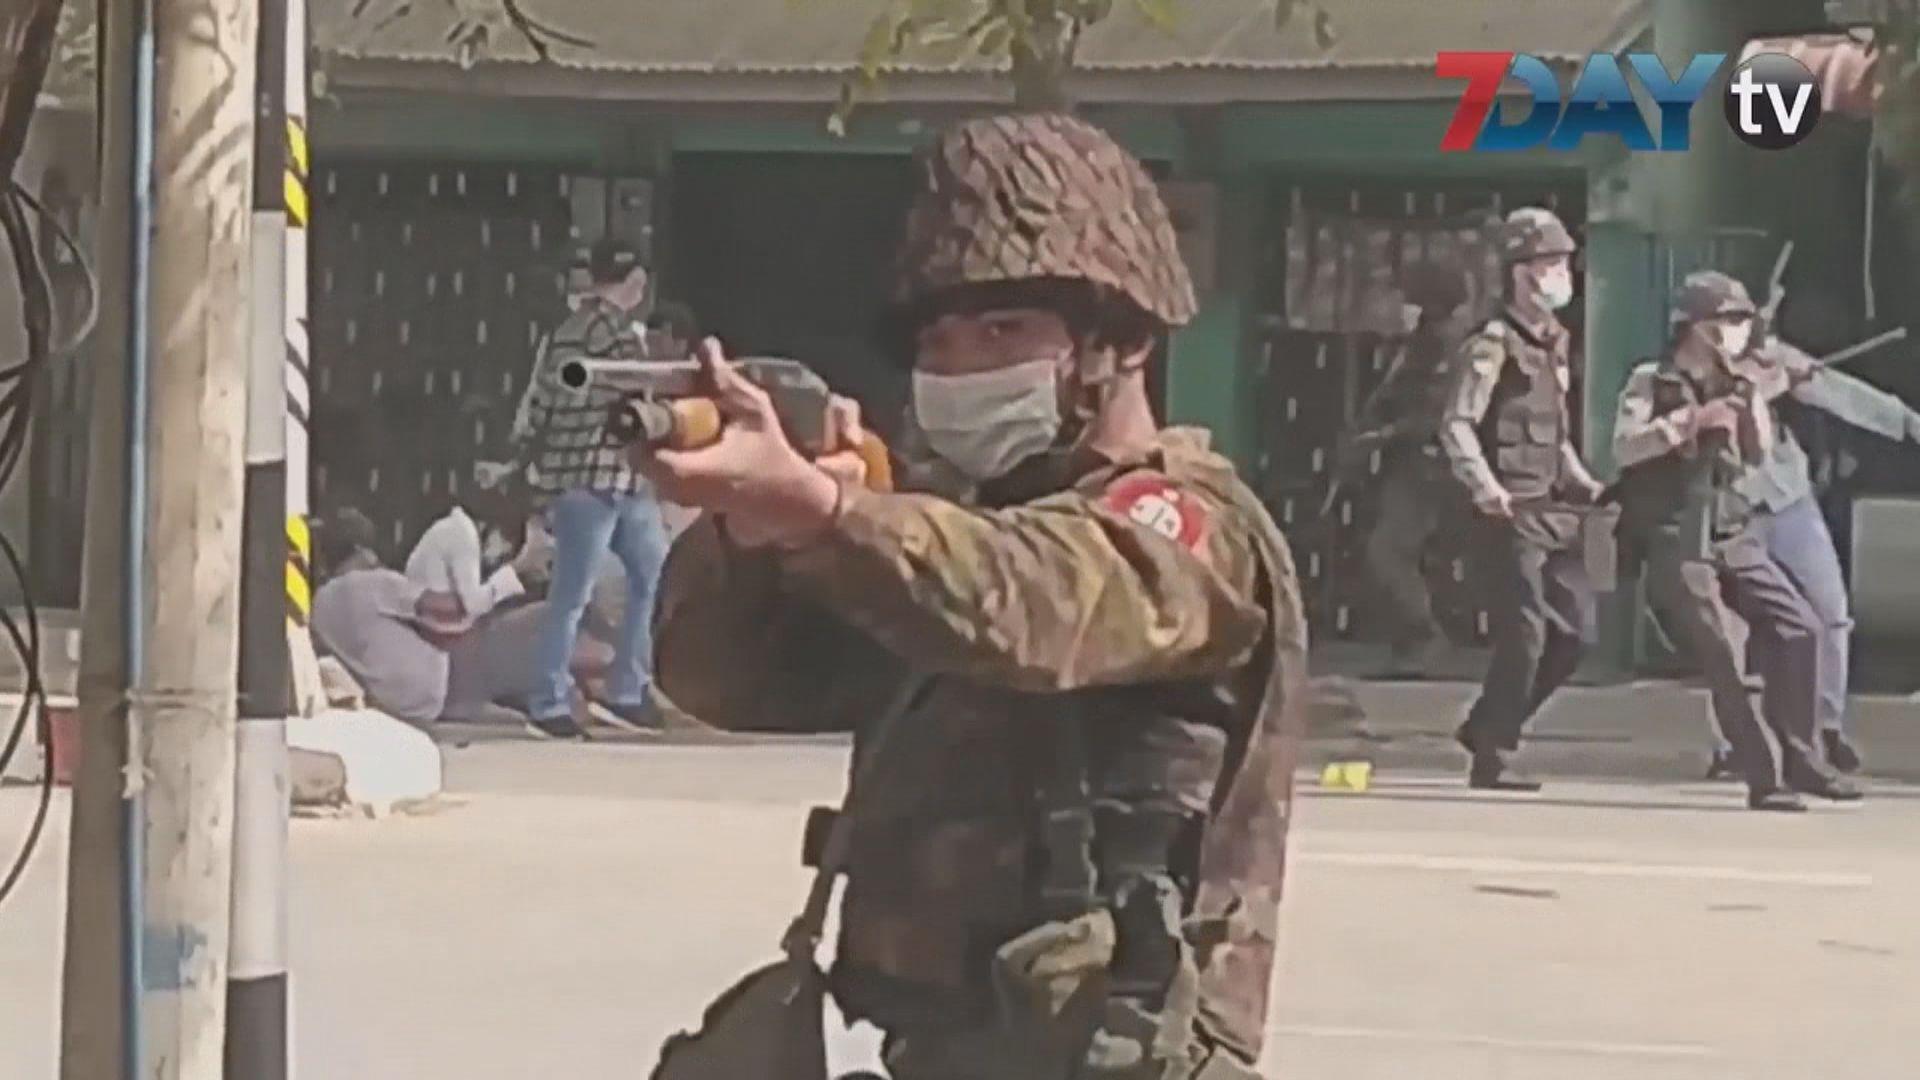 緬甸多處續有反軍事政變示威 警方出動驅趕